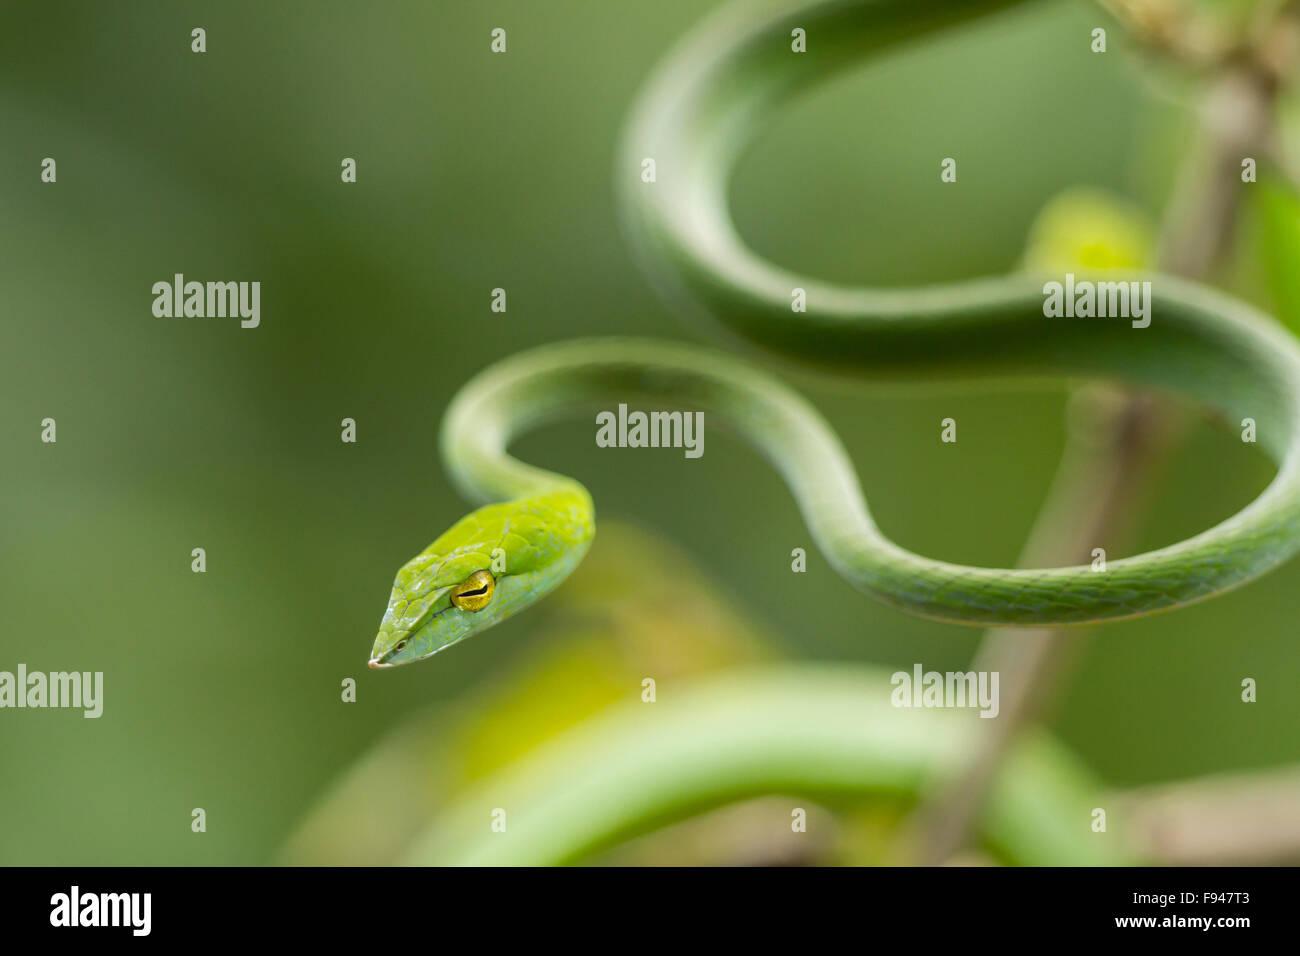 Le Serpent de vigne commune (Ahaetulla nasuta), est un mince serpent vert trouvés en Inde Banque D'Images